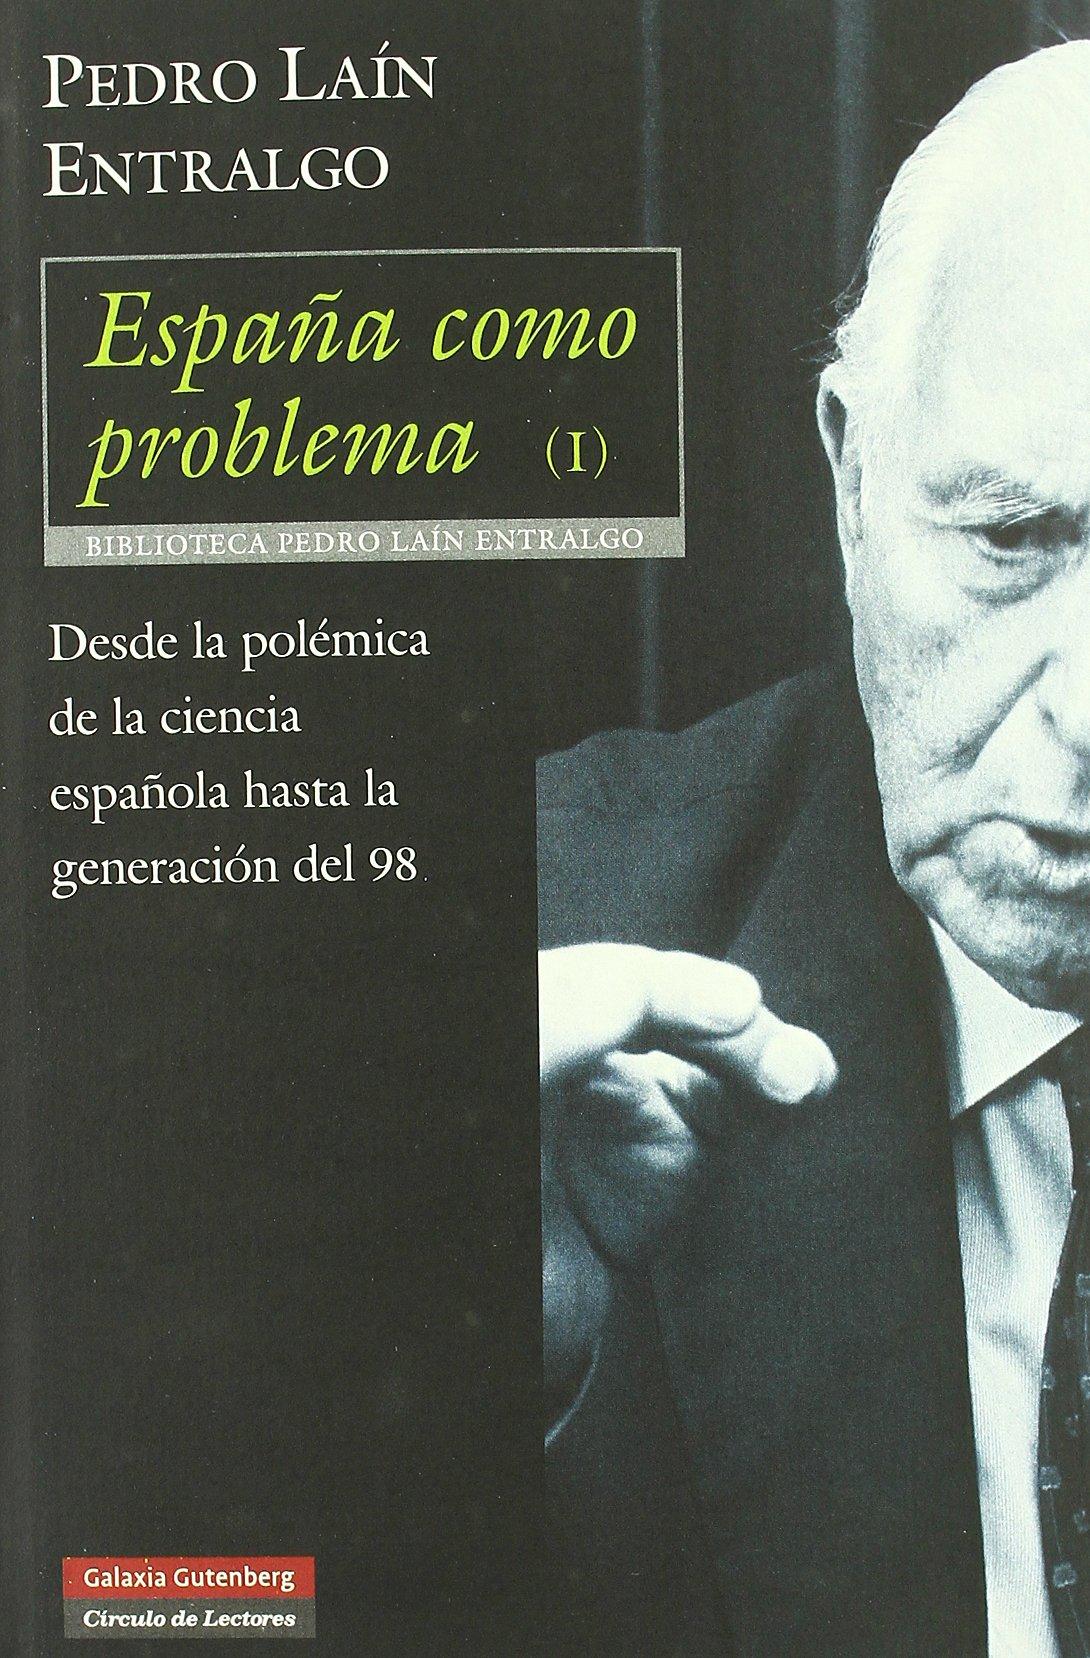 España como problema I: Desde la polémica de la ciencia española hasta la Generación del 98: 1 Ensayo: Amazon.es: Laín Entralgo, Pedro: Libros